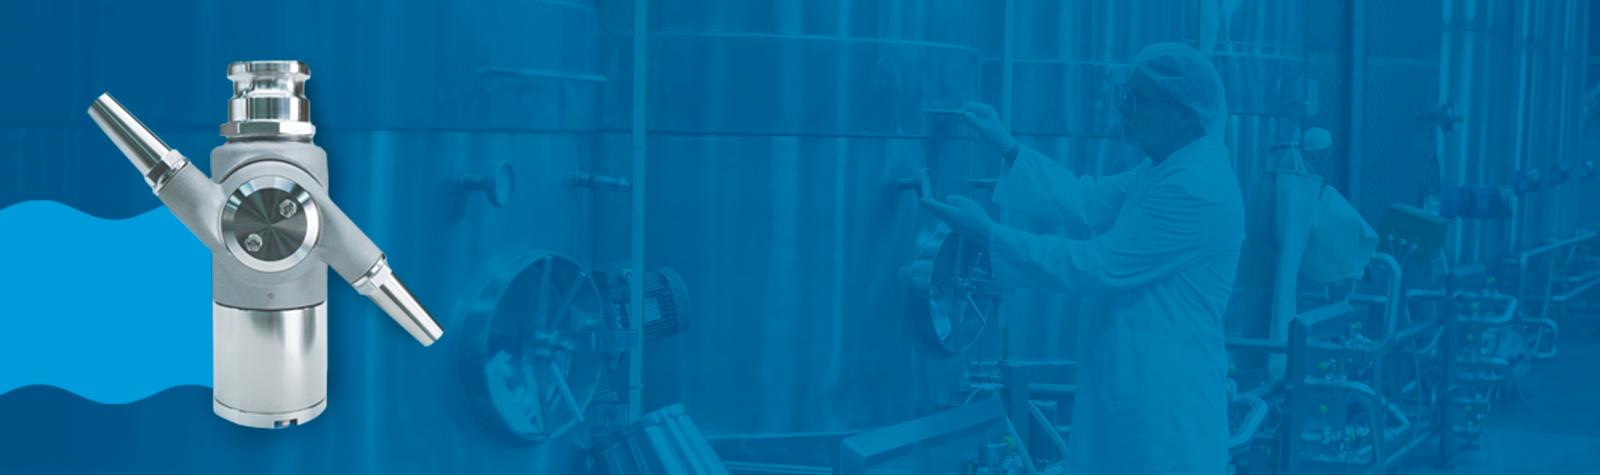 Limpeza de tanques na indústria? Temos 6 dicas práticas!